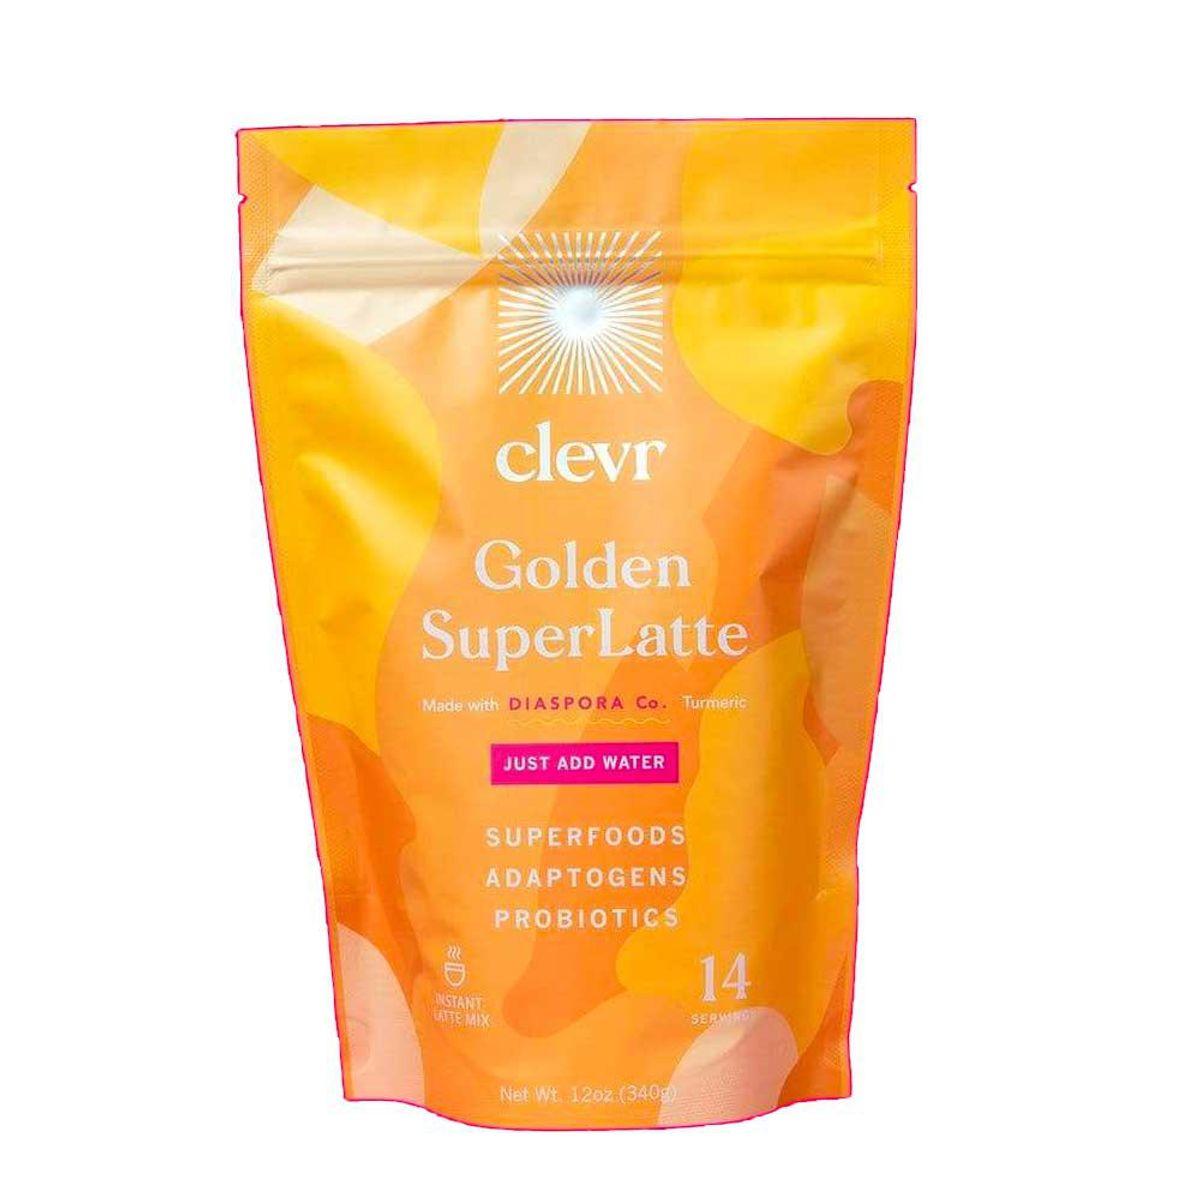 clevr golden superlatte